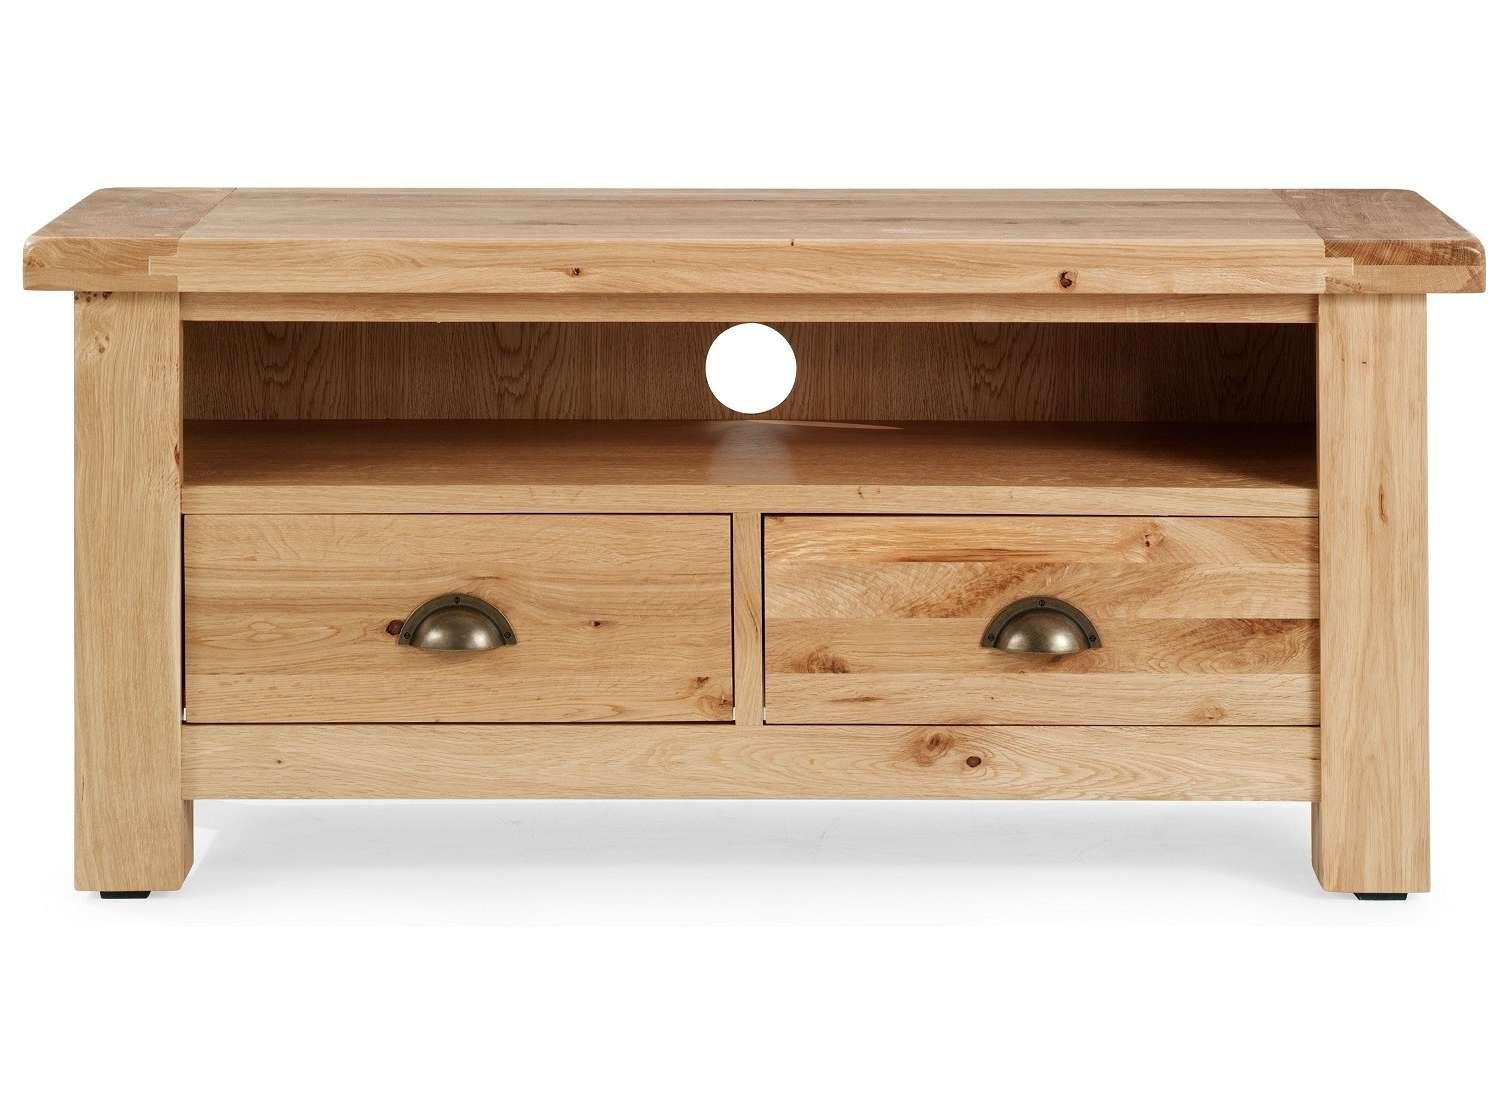 Normandy Rustic French Oak Tv Cabinet | Oak Furniture Uk In Rustic Oak Tv Stands (View 8 of 15)